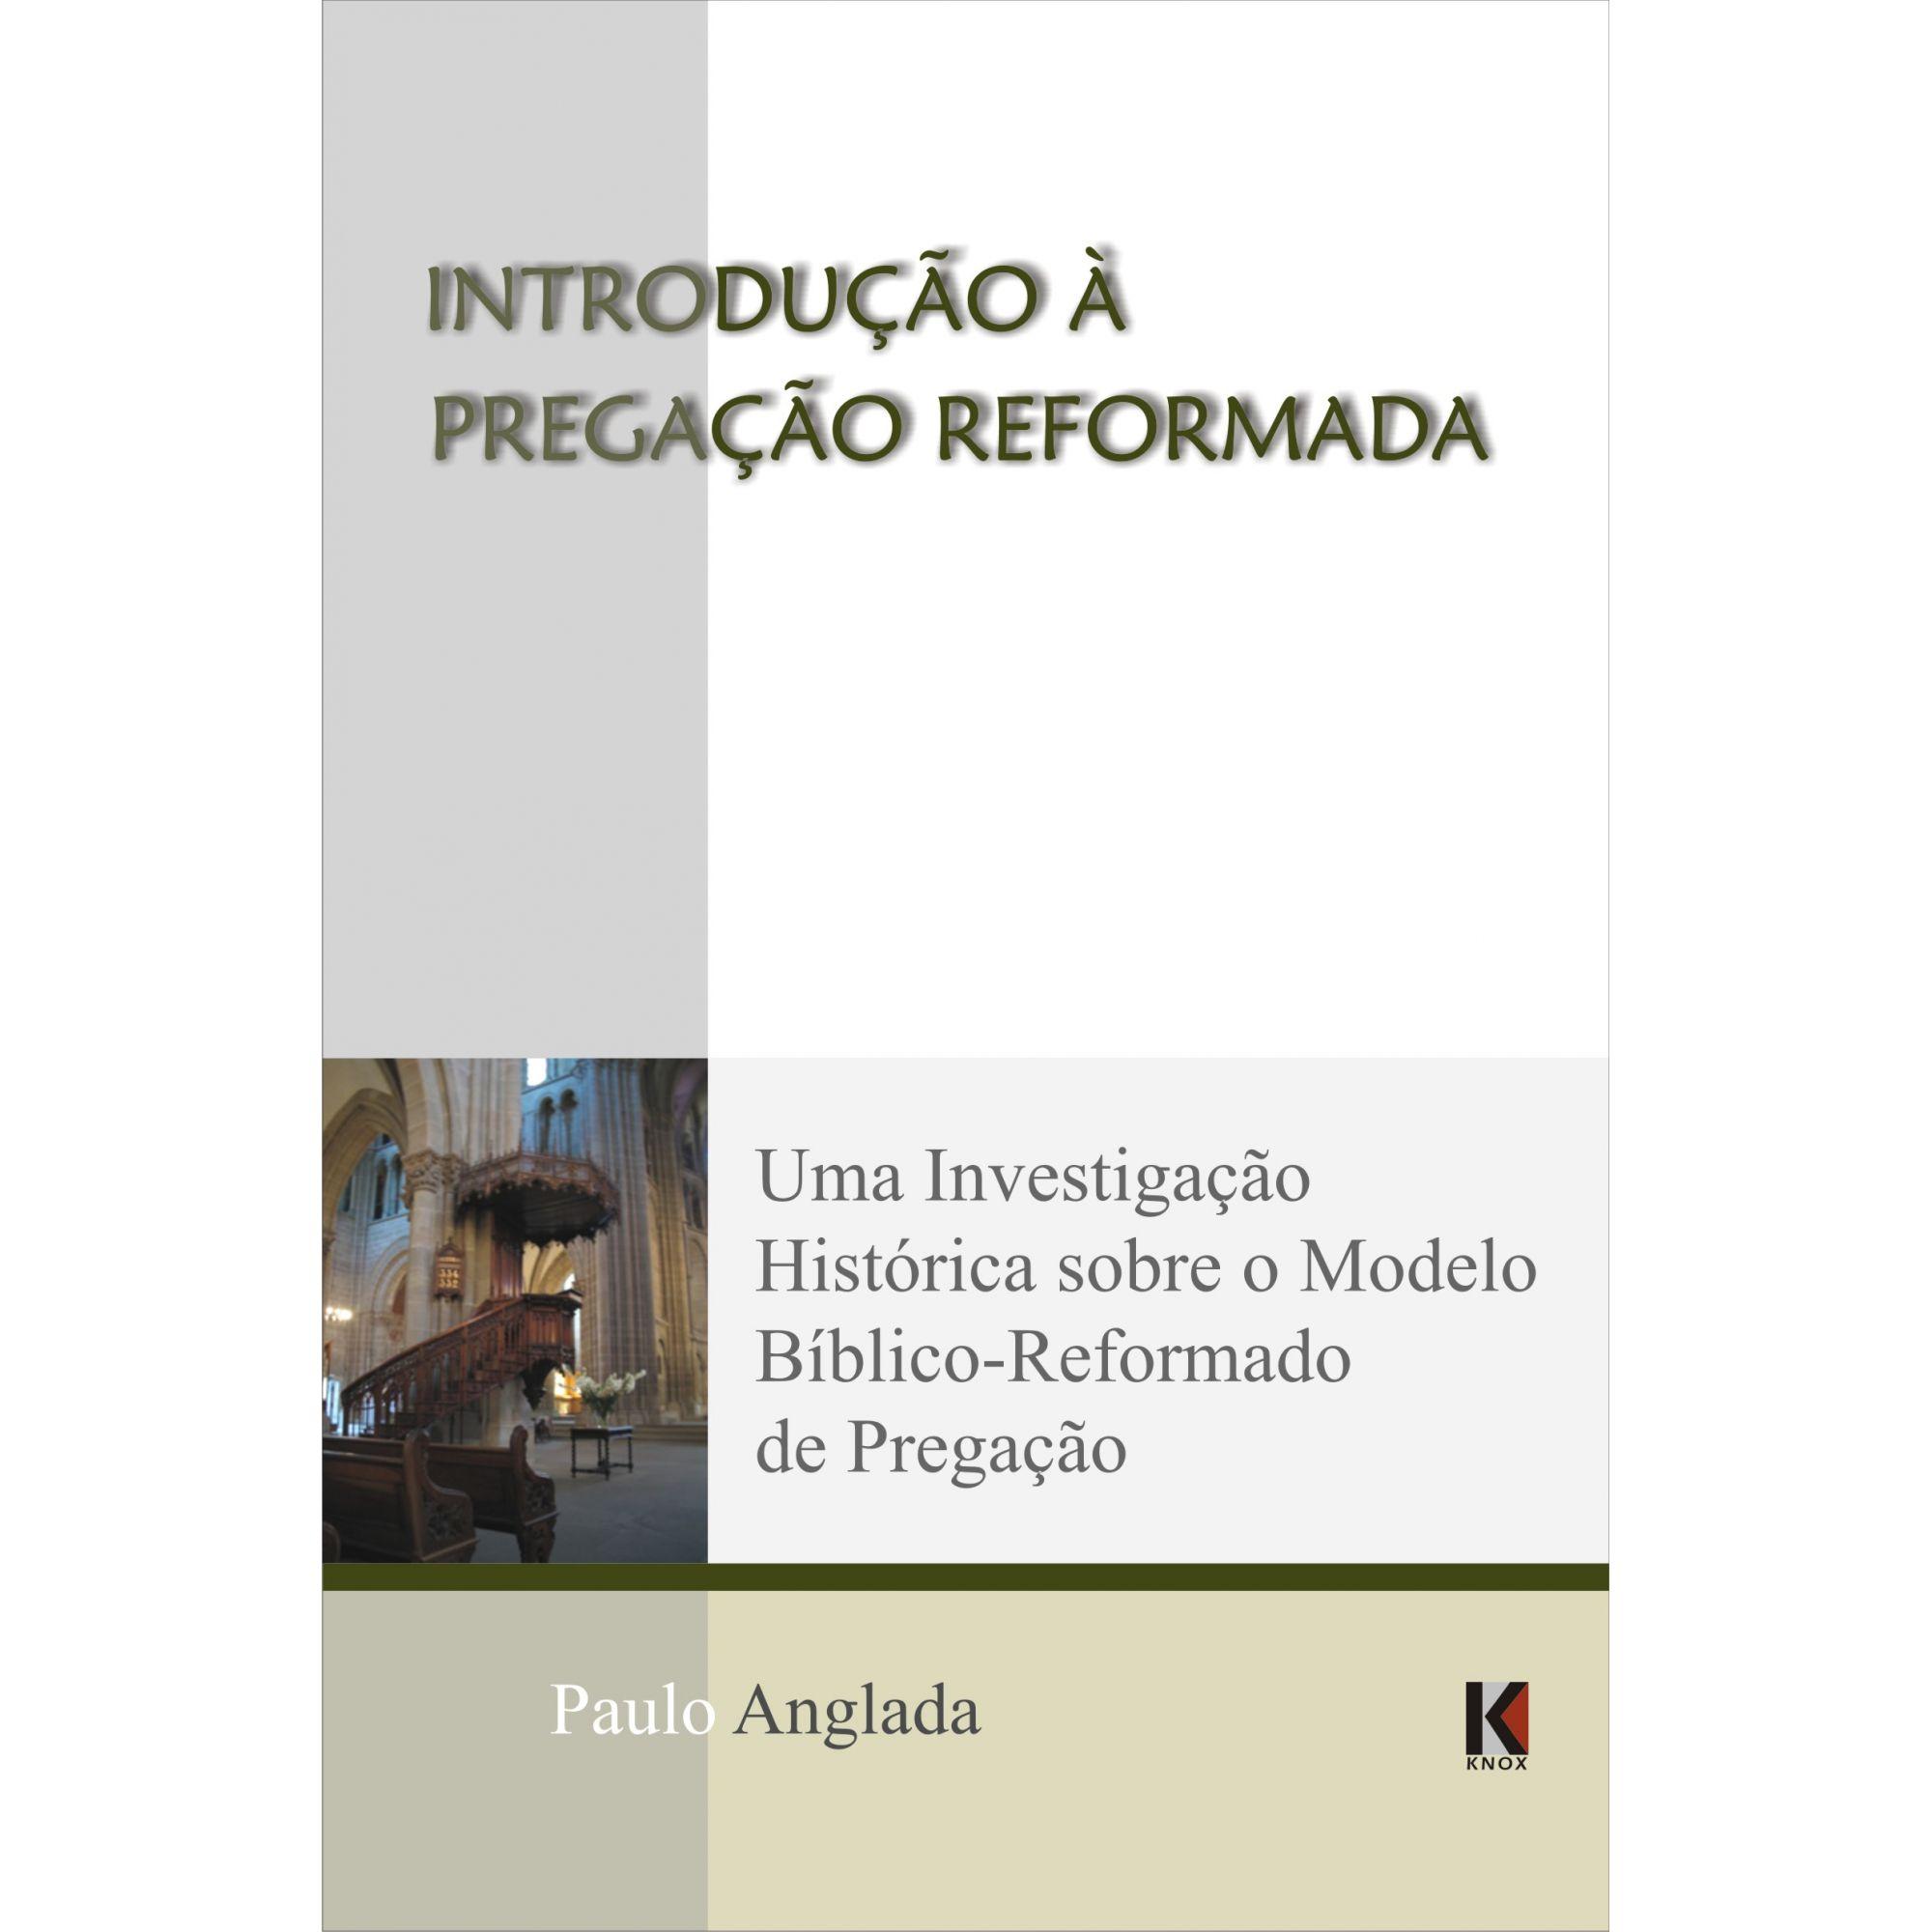 Introdução à Pregação Reformada (Paulo Anglada) - COM PEQUENOS DEFEITOS